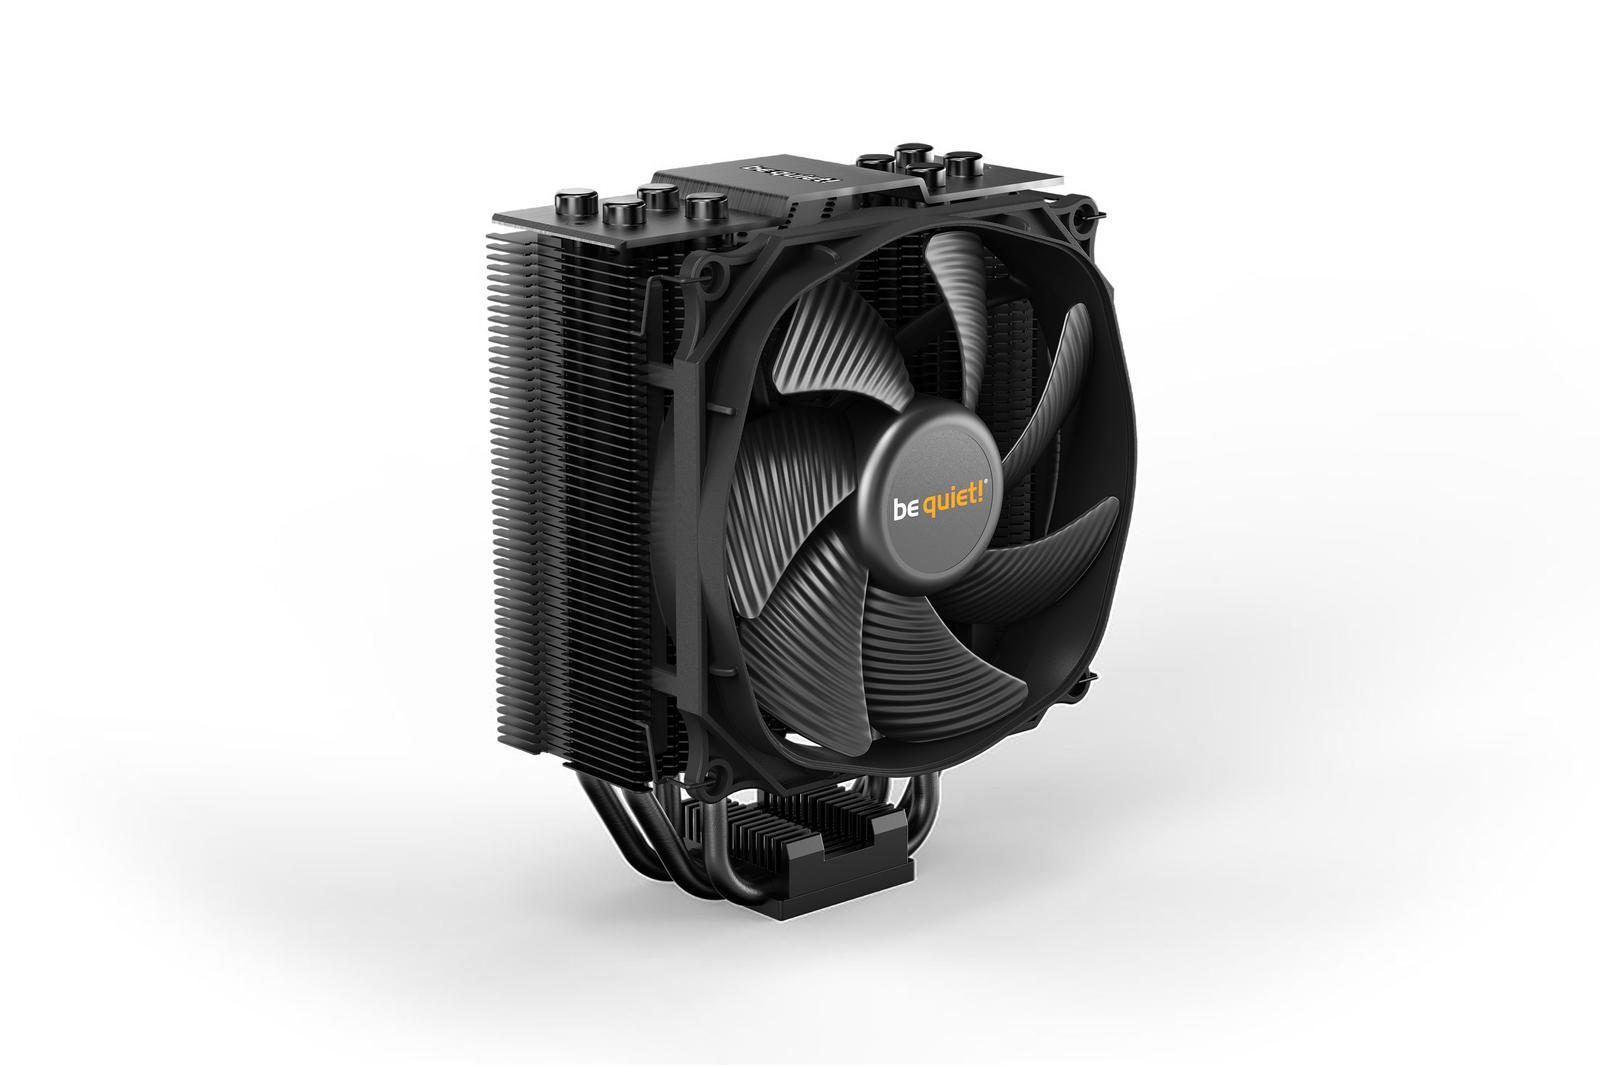 be quiet! Dark Rock Slim CPU Cooler